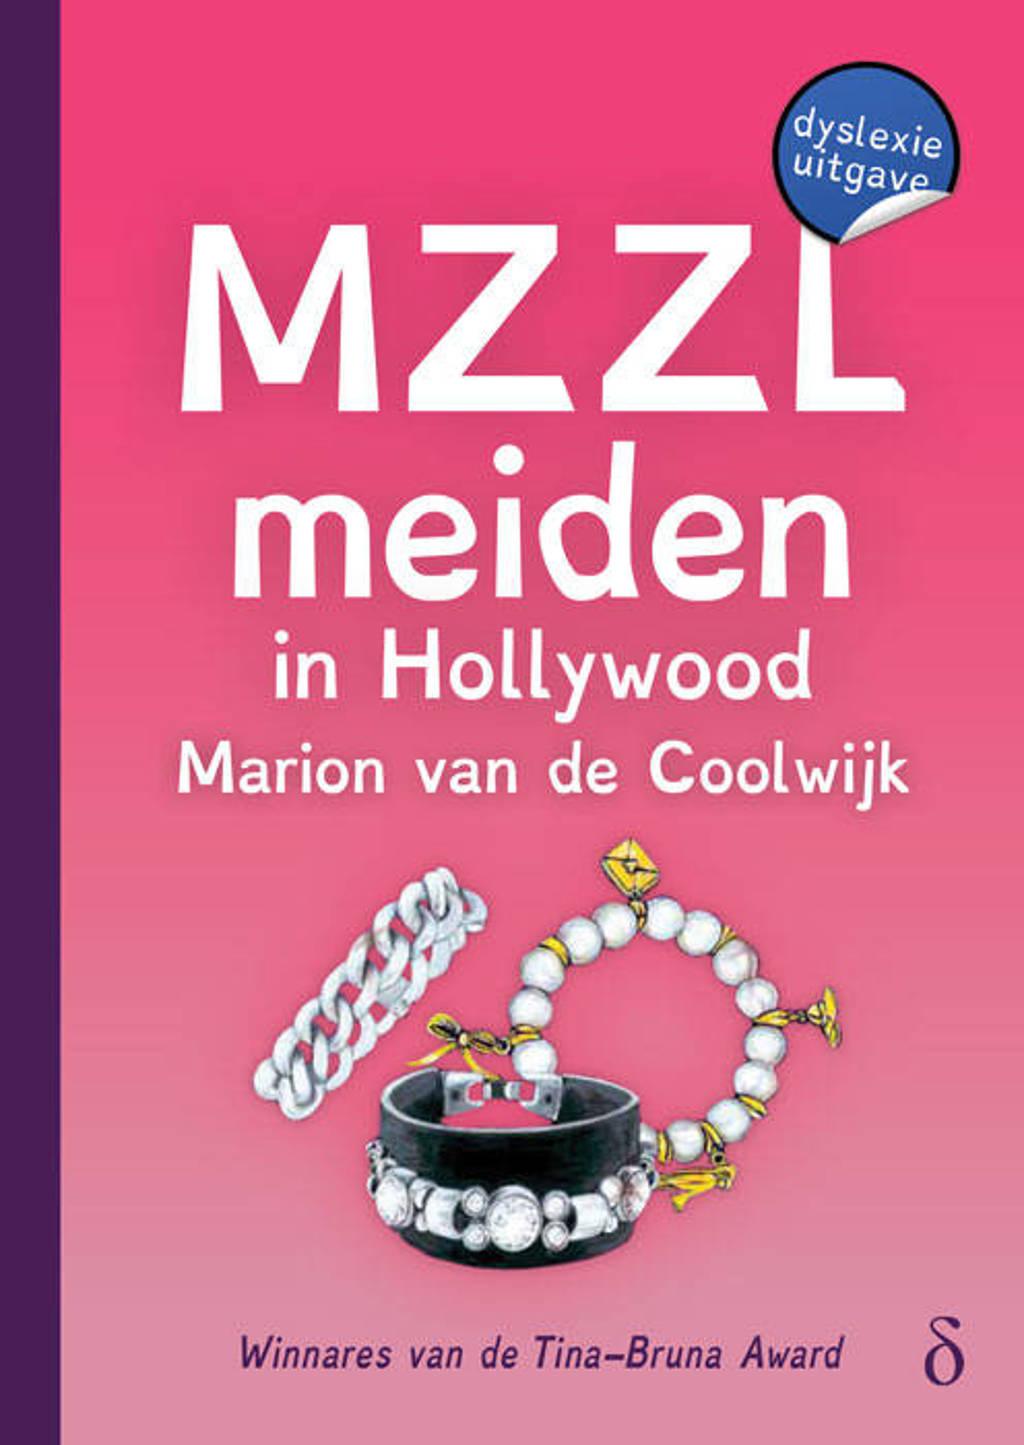 MZZLmeiden: MZZLmeiden in Hollywood - Marion van de Coolwijk